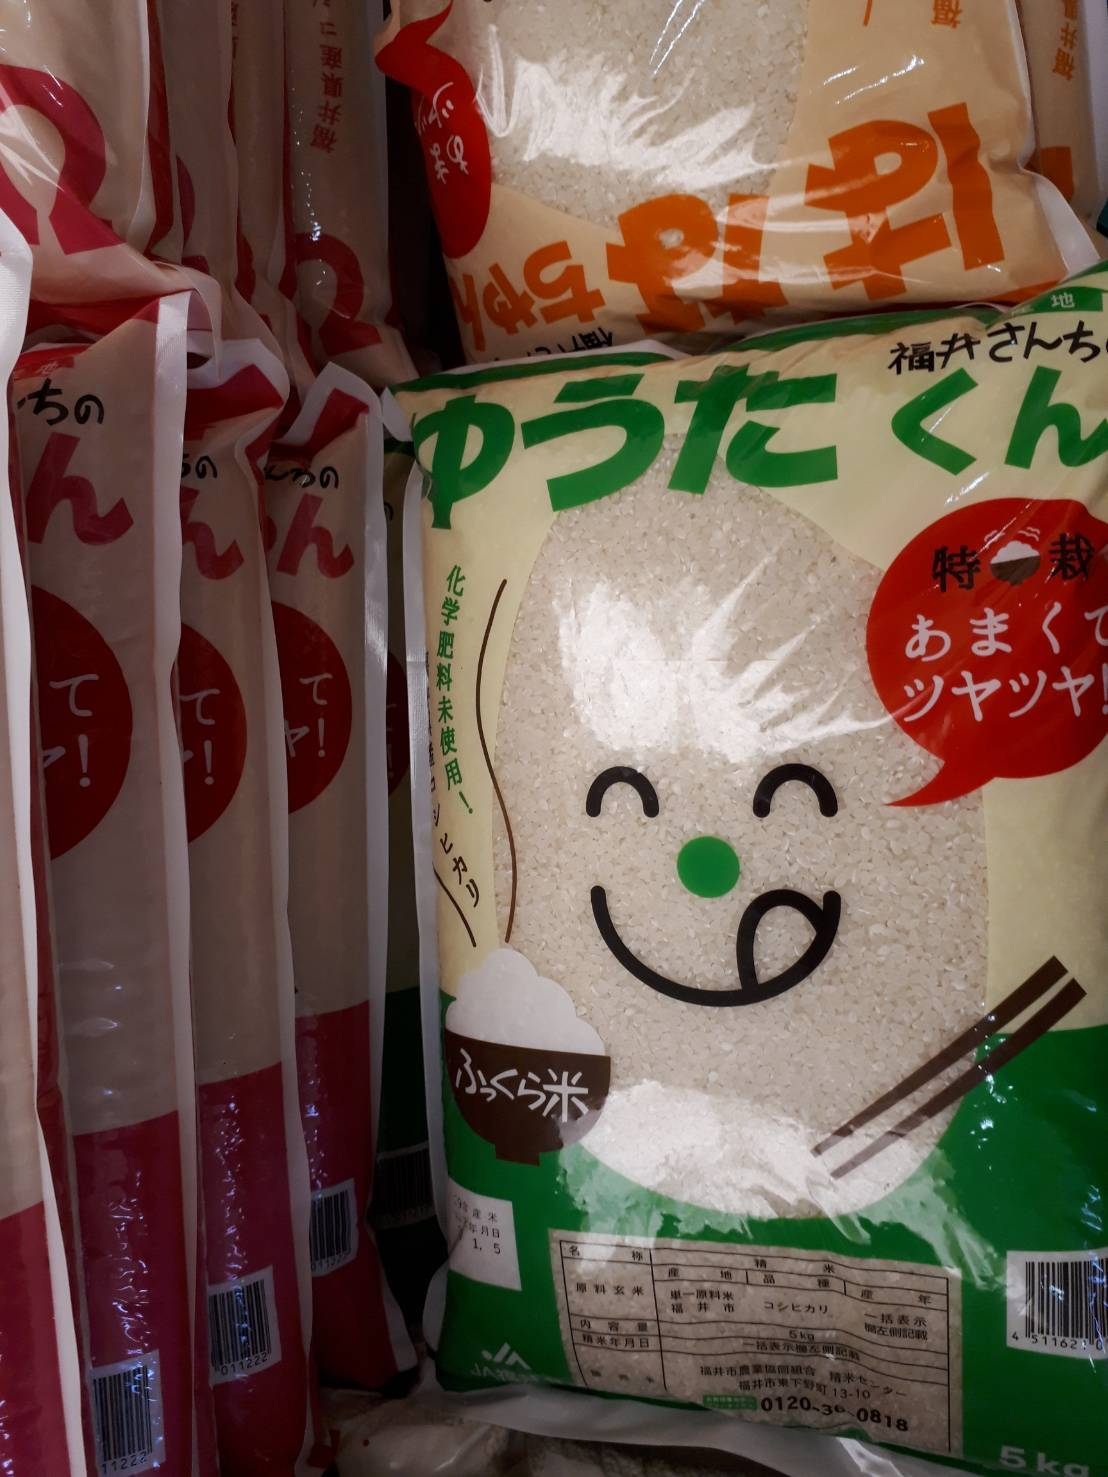 福井米コシヒカリ「ゆうたくん」「ひかるちゃん」「はなちゃん」